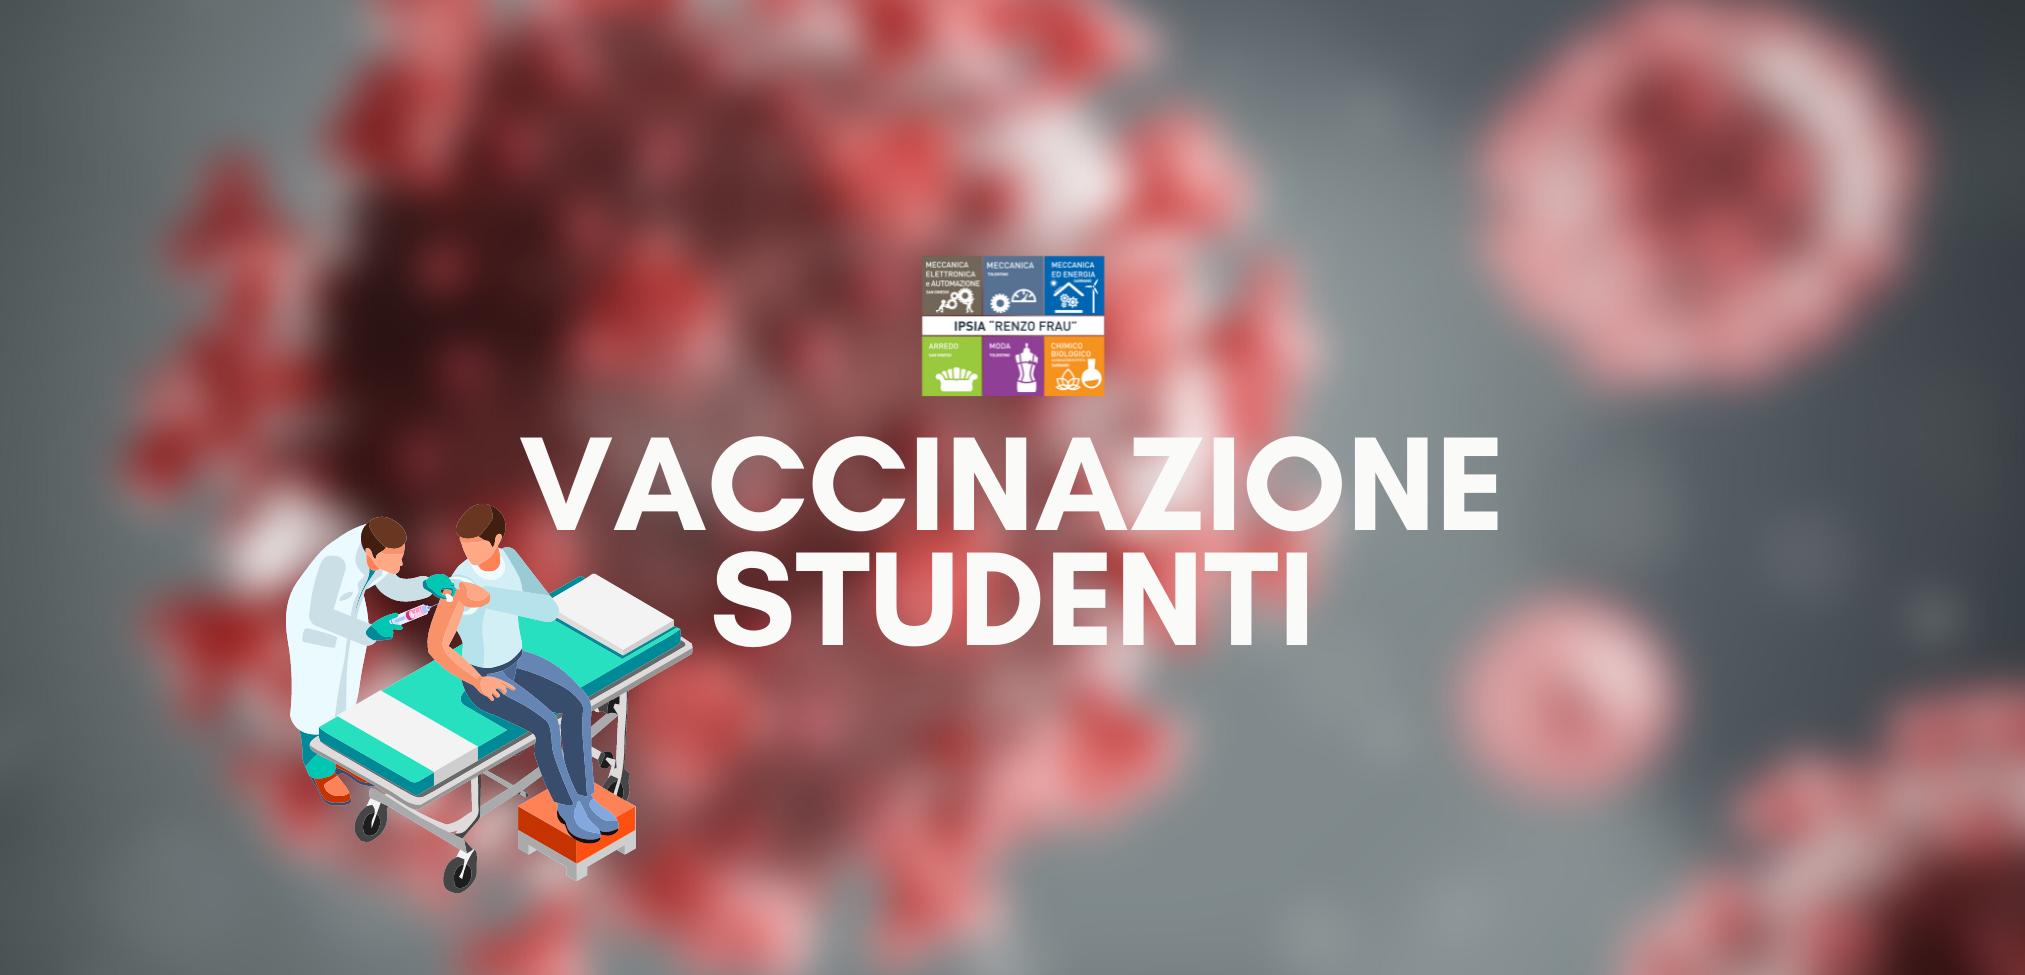 Il vaccino è fondamentale per te e per le persone che ami – Campagna vaccinazione studenti